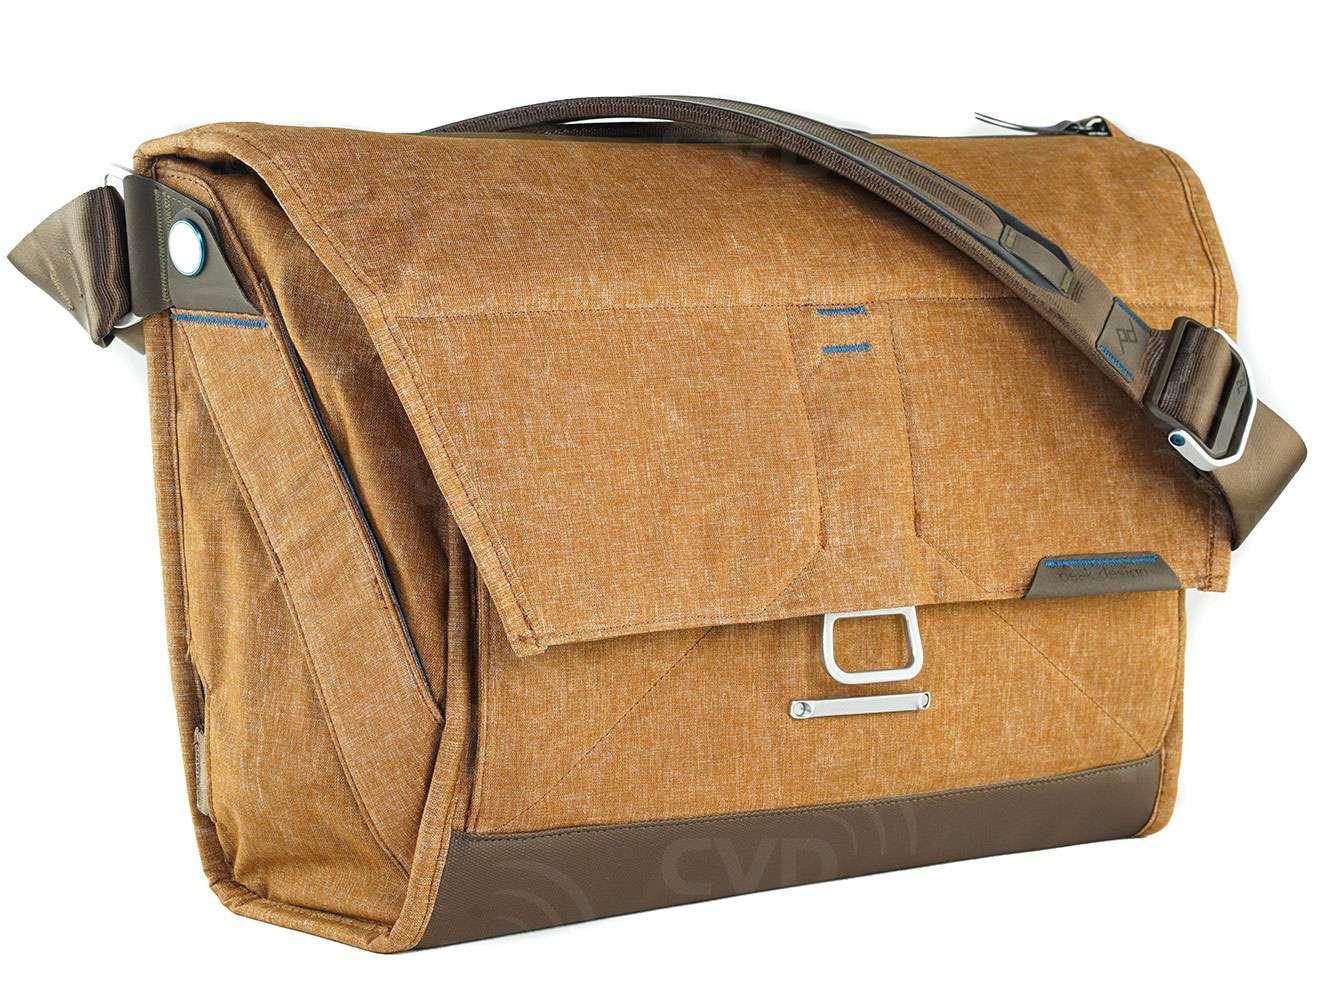 Peak Design BS-BR-1 (BSBR1) 15 Inch Model Everyday Messenger Bag